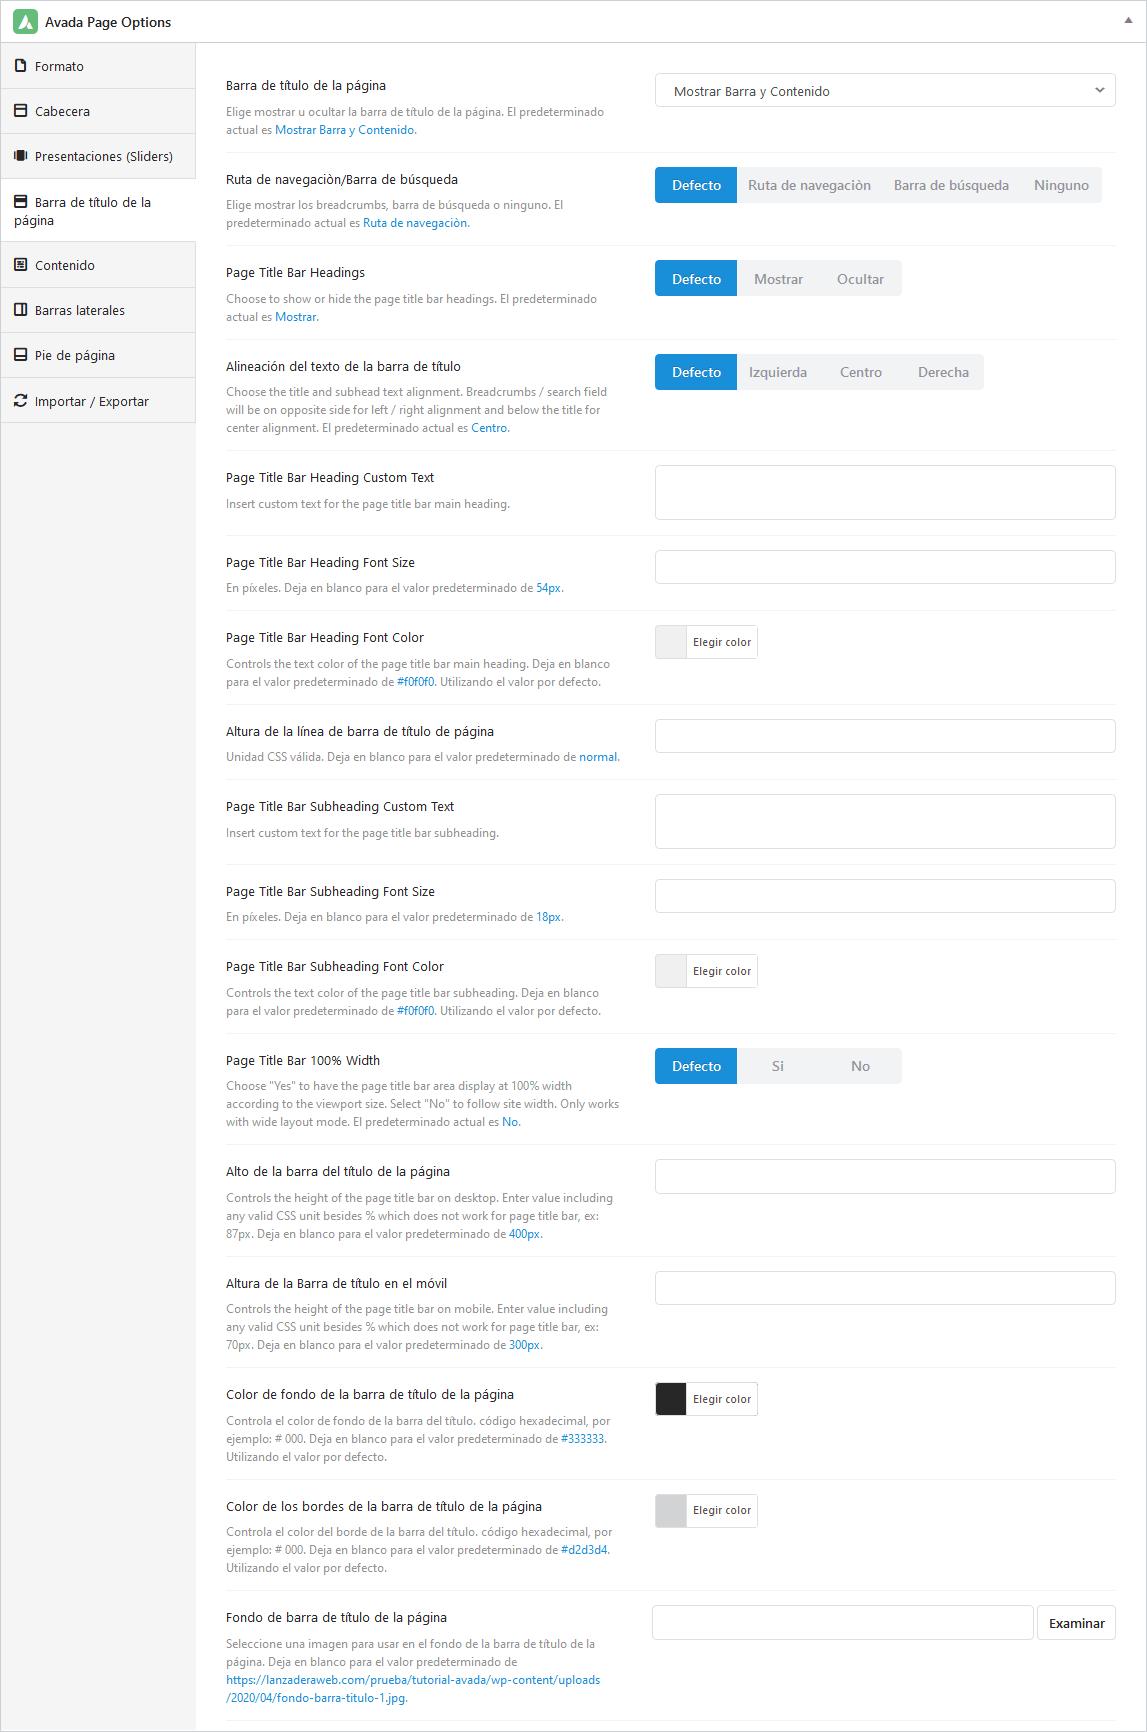 Opciones de configuración de la barra de título en Avada